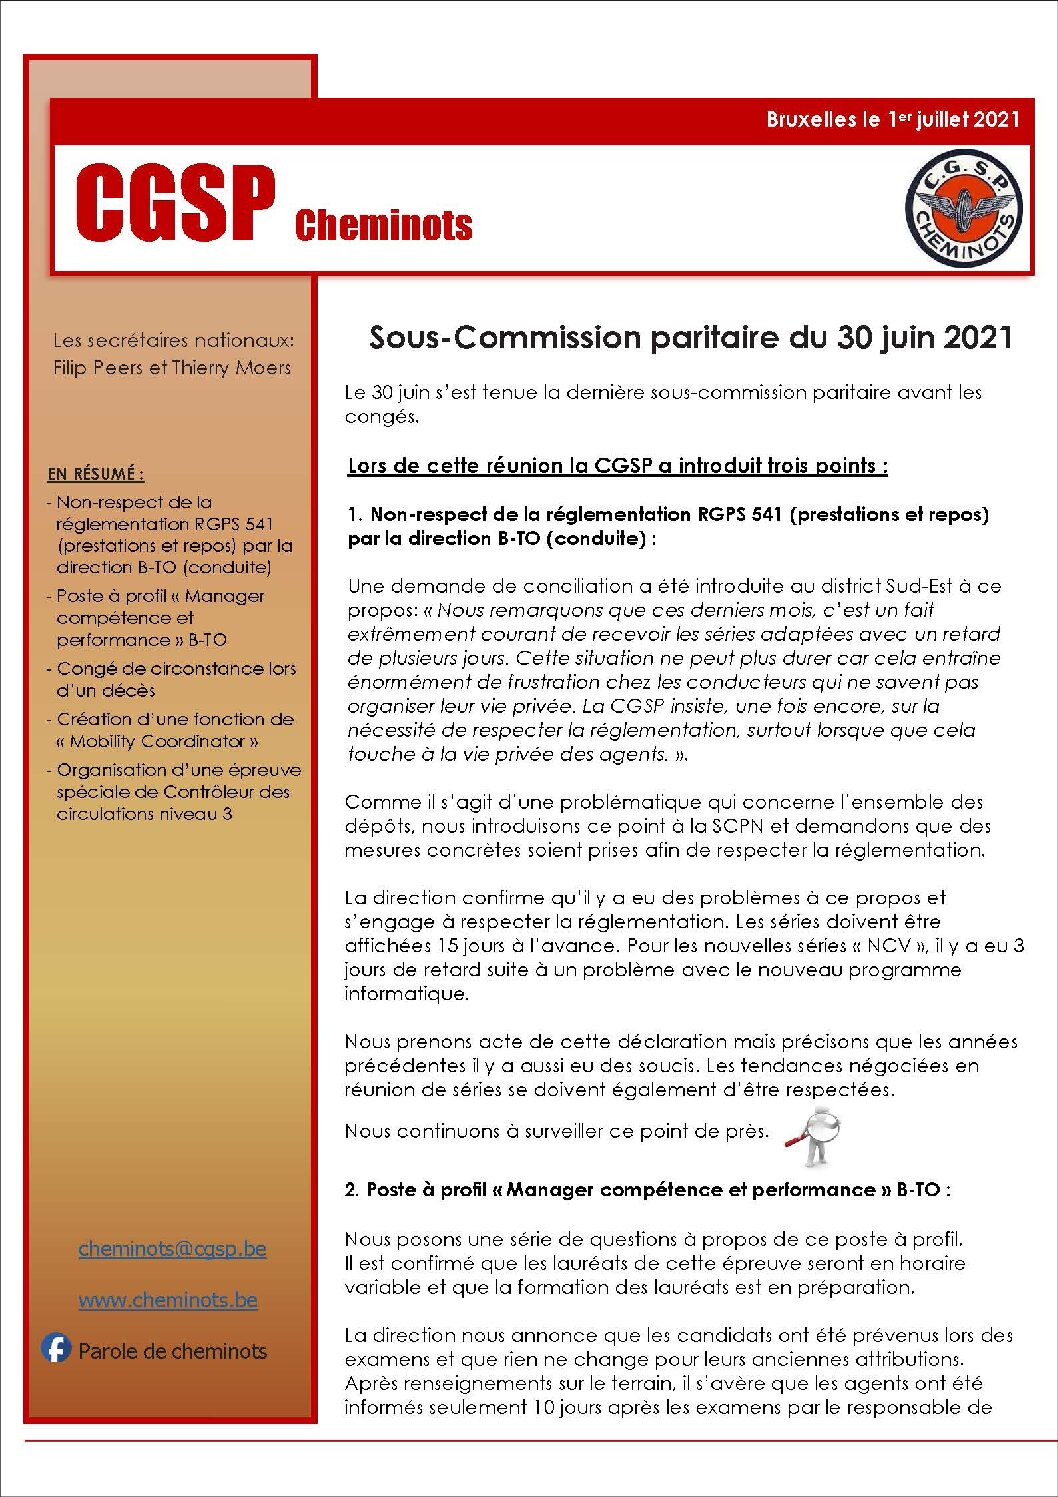 Sous-Commission paritaire du 30 juin 2021